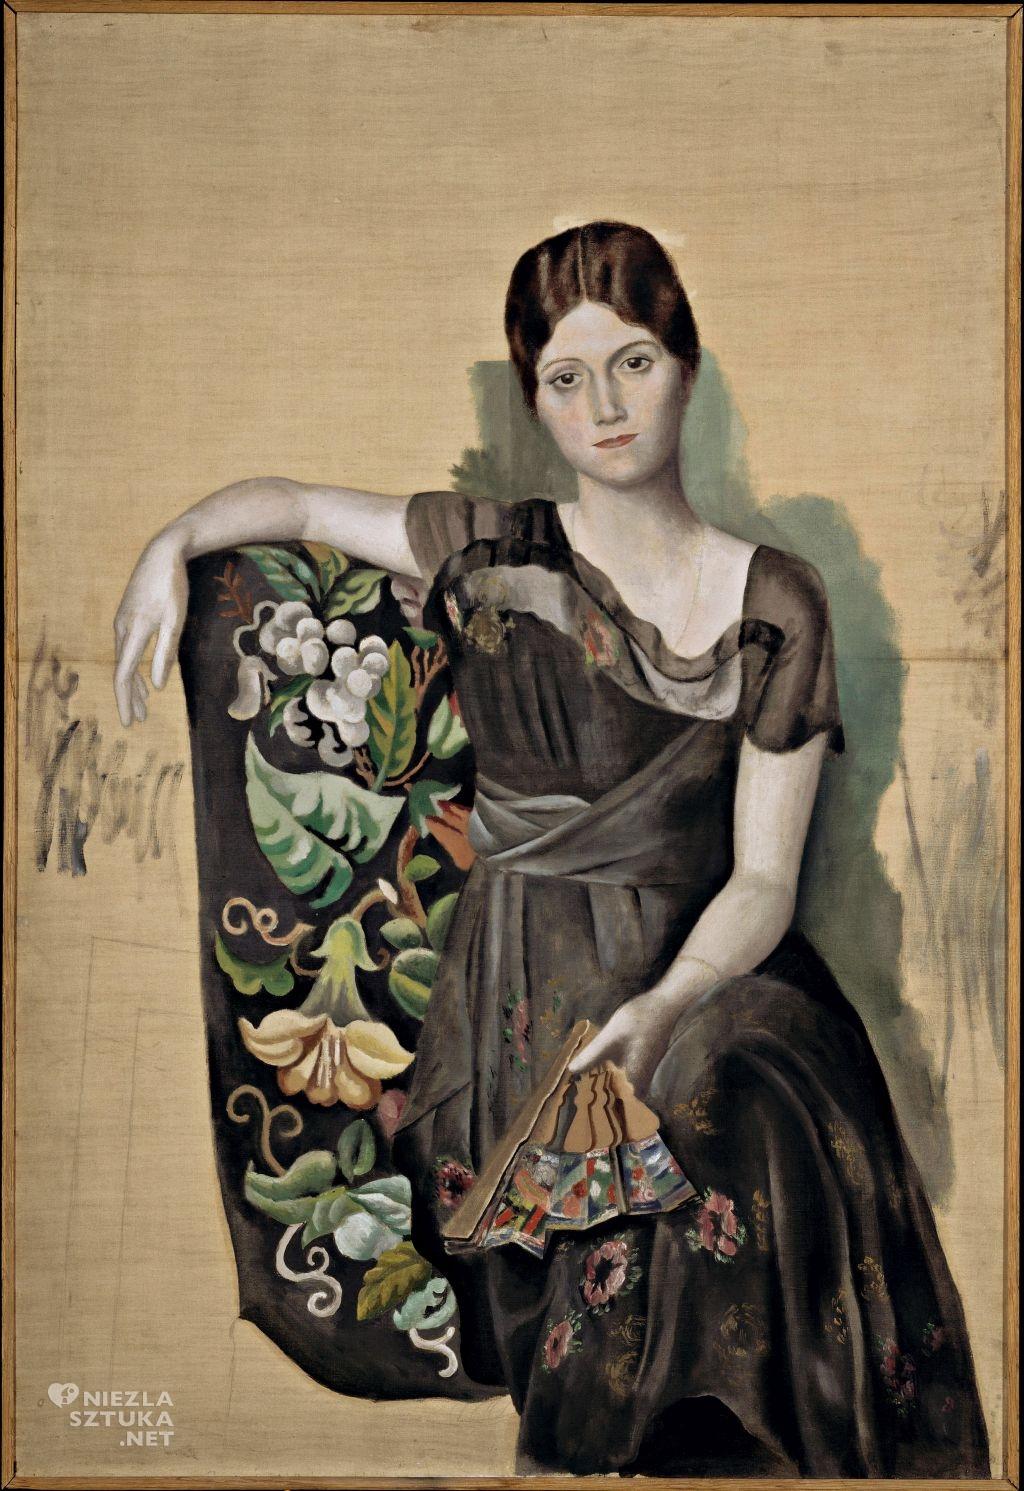 Pablo Picasso, Olga w fotelu, kobiety Picassa, Niezła Sztuka